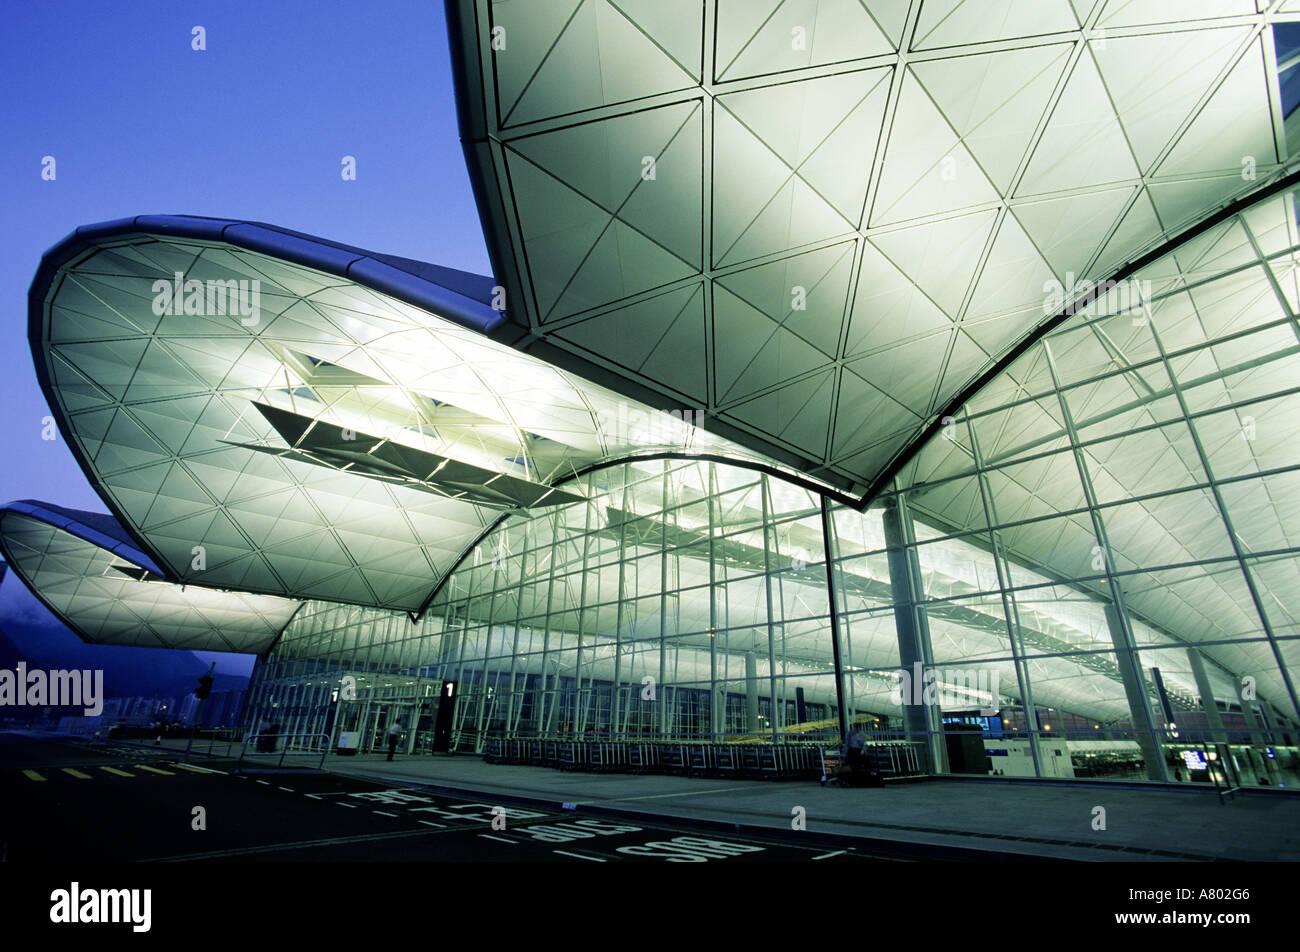 China, Hong Kong, entrance of Chek Lap Kok airport - Stock Image